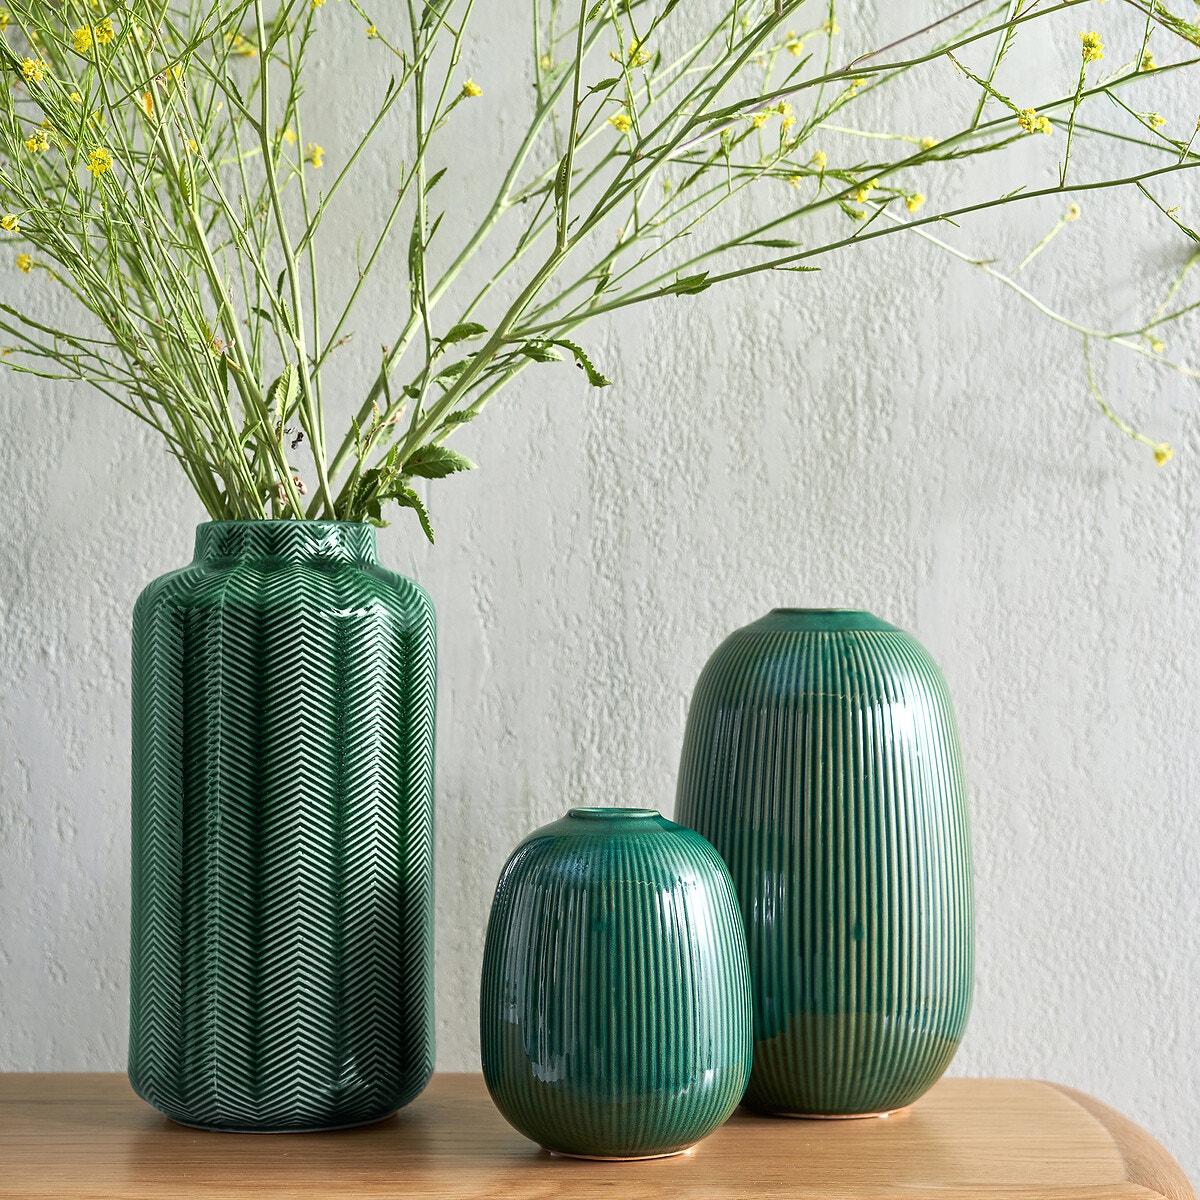 Jarrón de cerámica La Redoute